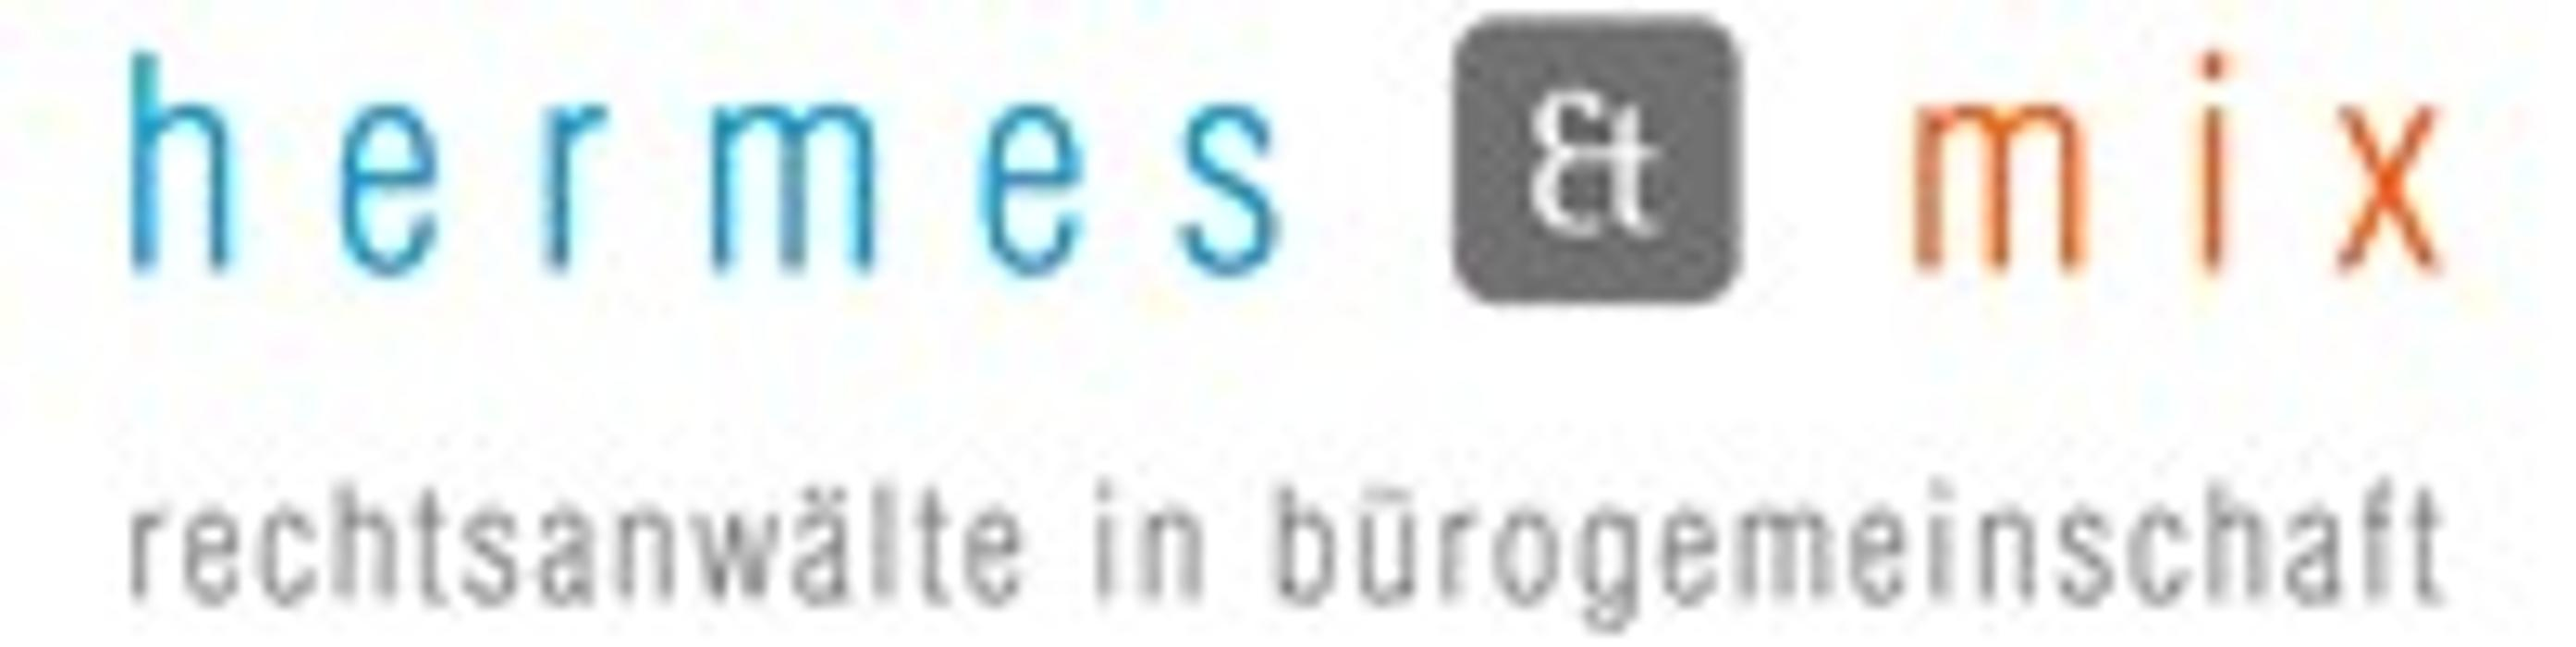 Bild zu hermes & mix - rechtsanwälte in bürogemeinschaft in Solingen